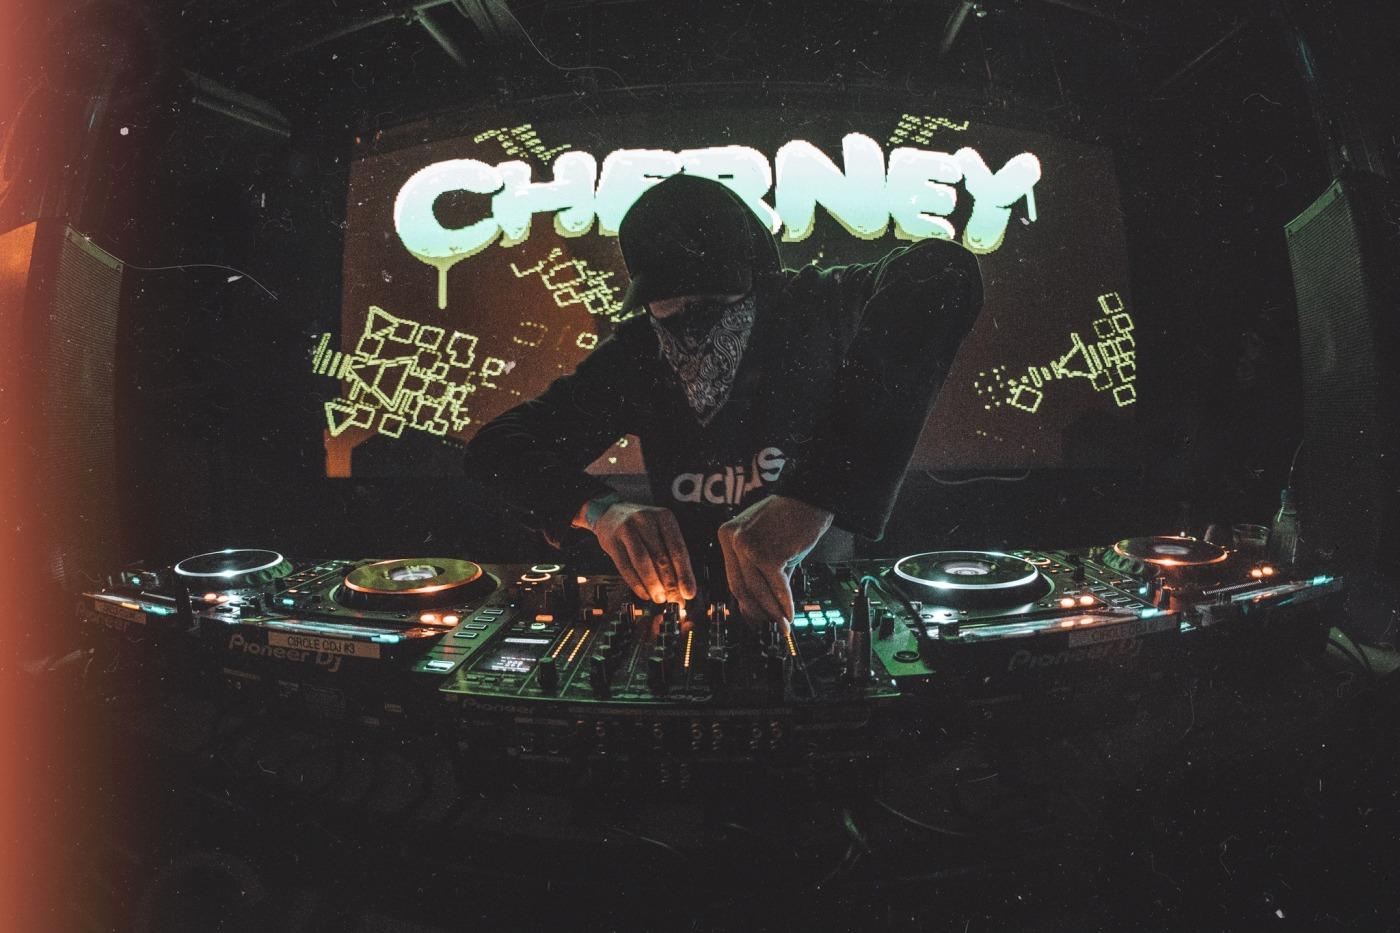 cherney